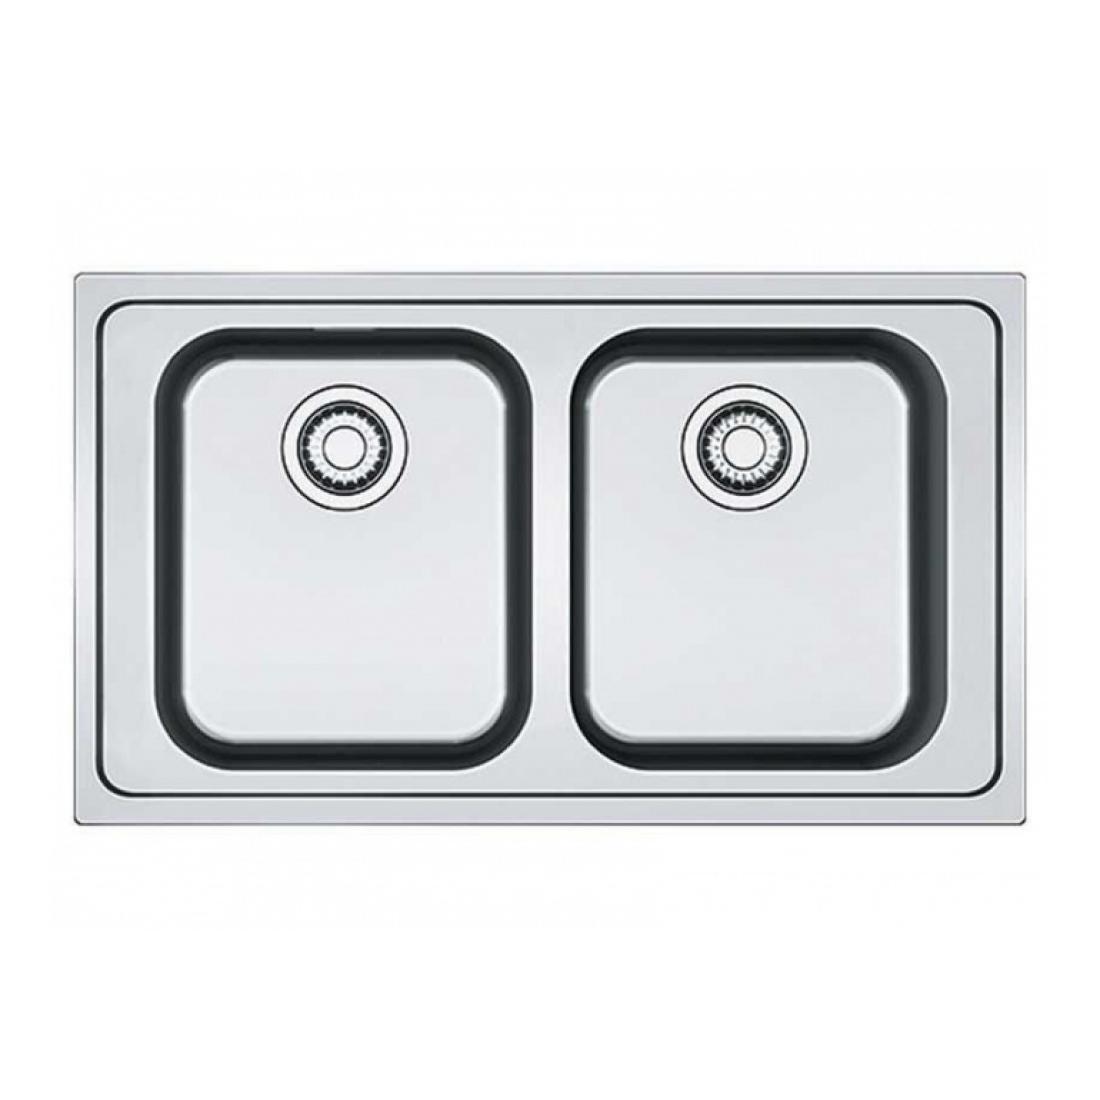 Кухонная мойка Franke Smart SRX 620 полированная цена